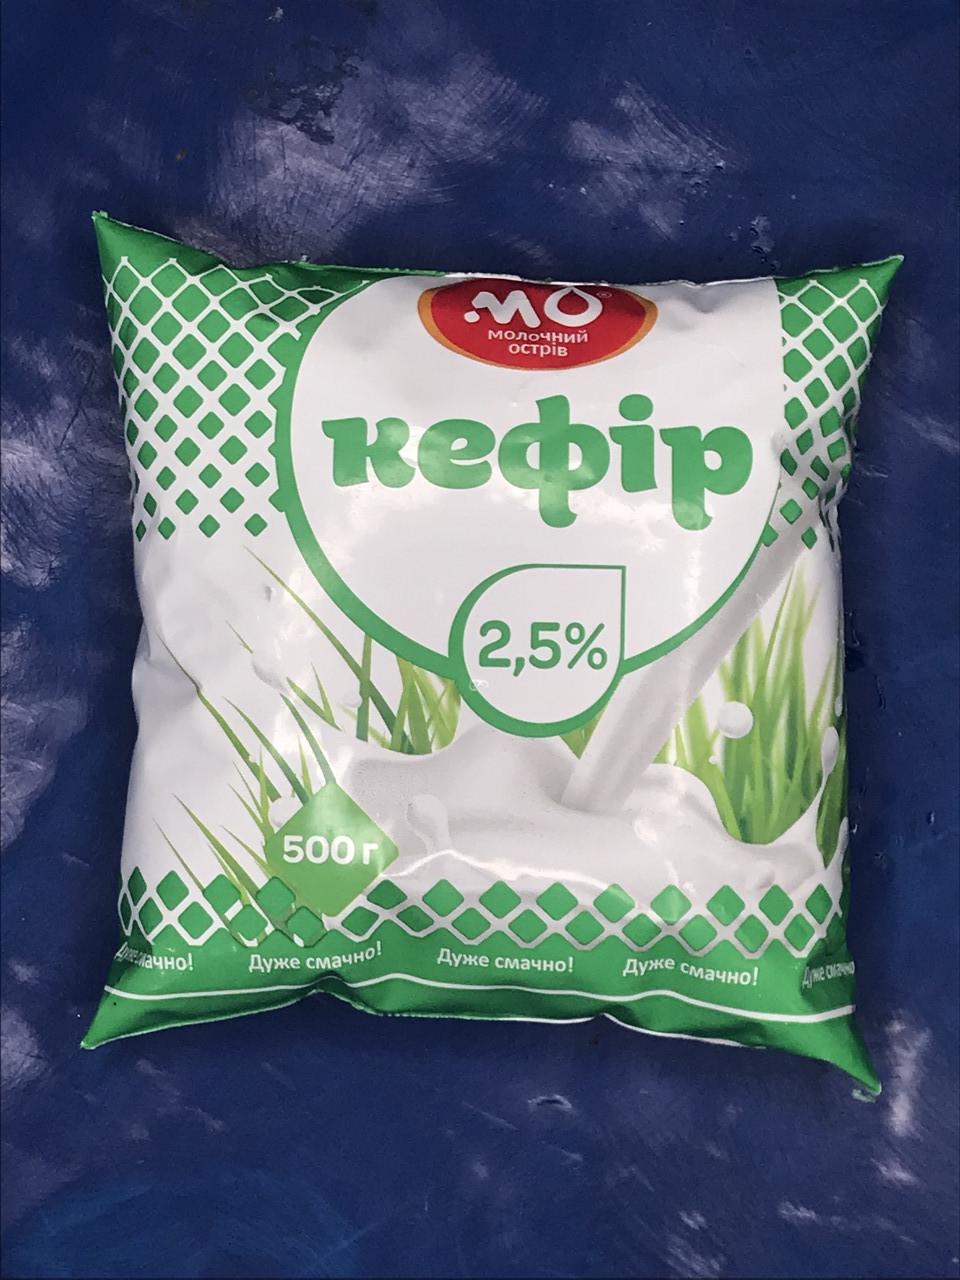 Кефир 2,5% от Малороганский молочный завод